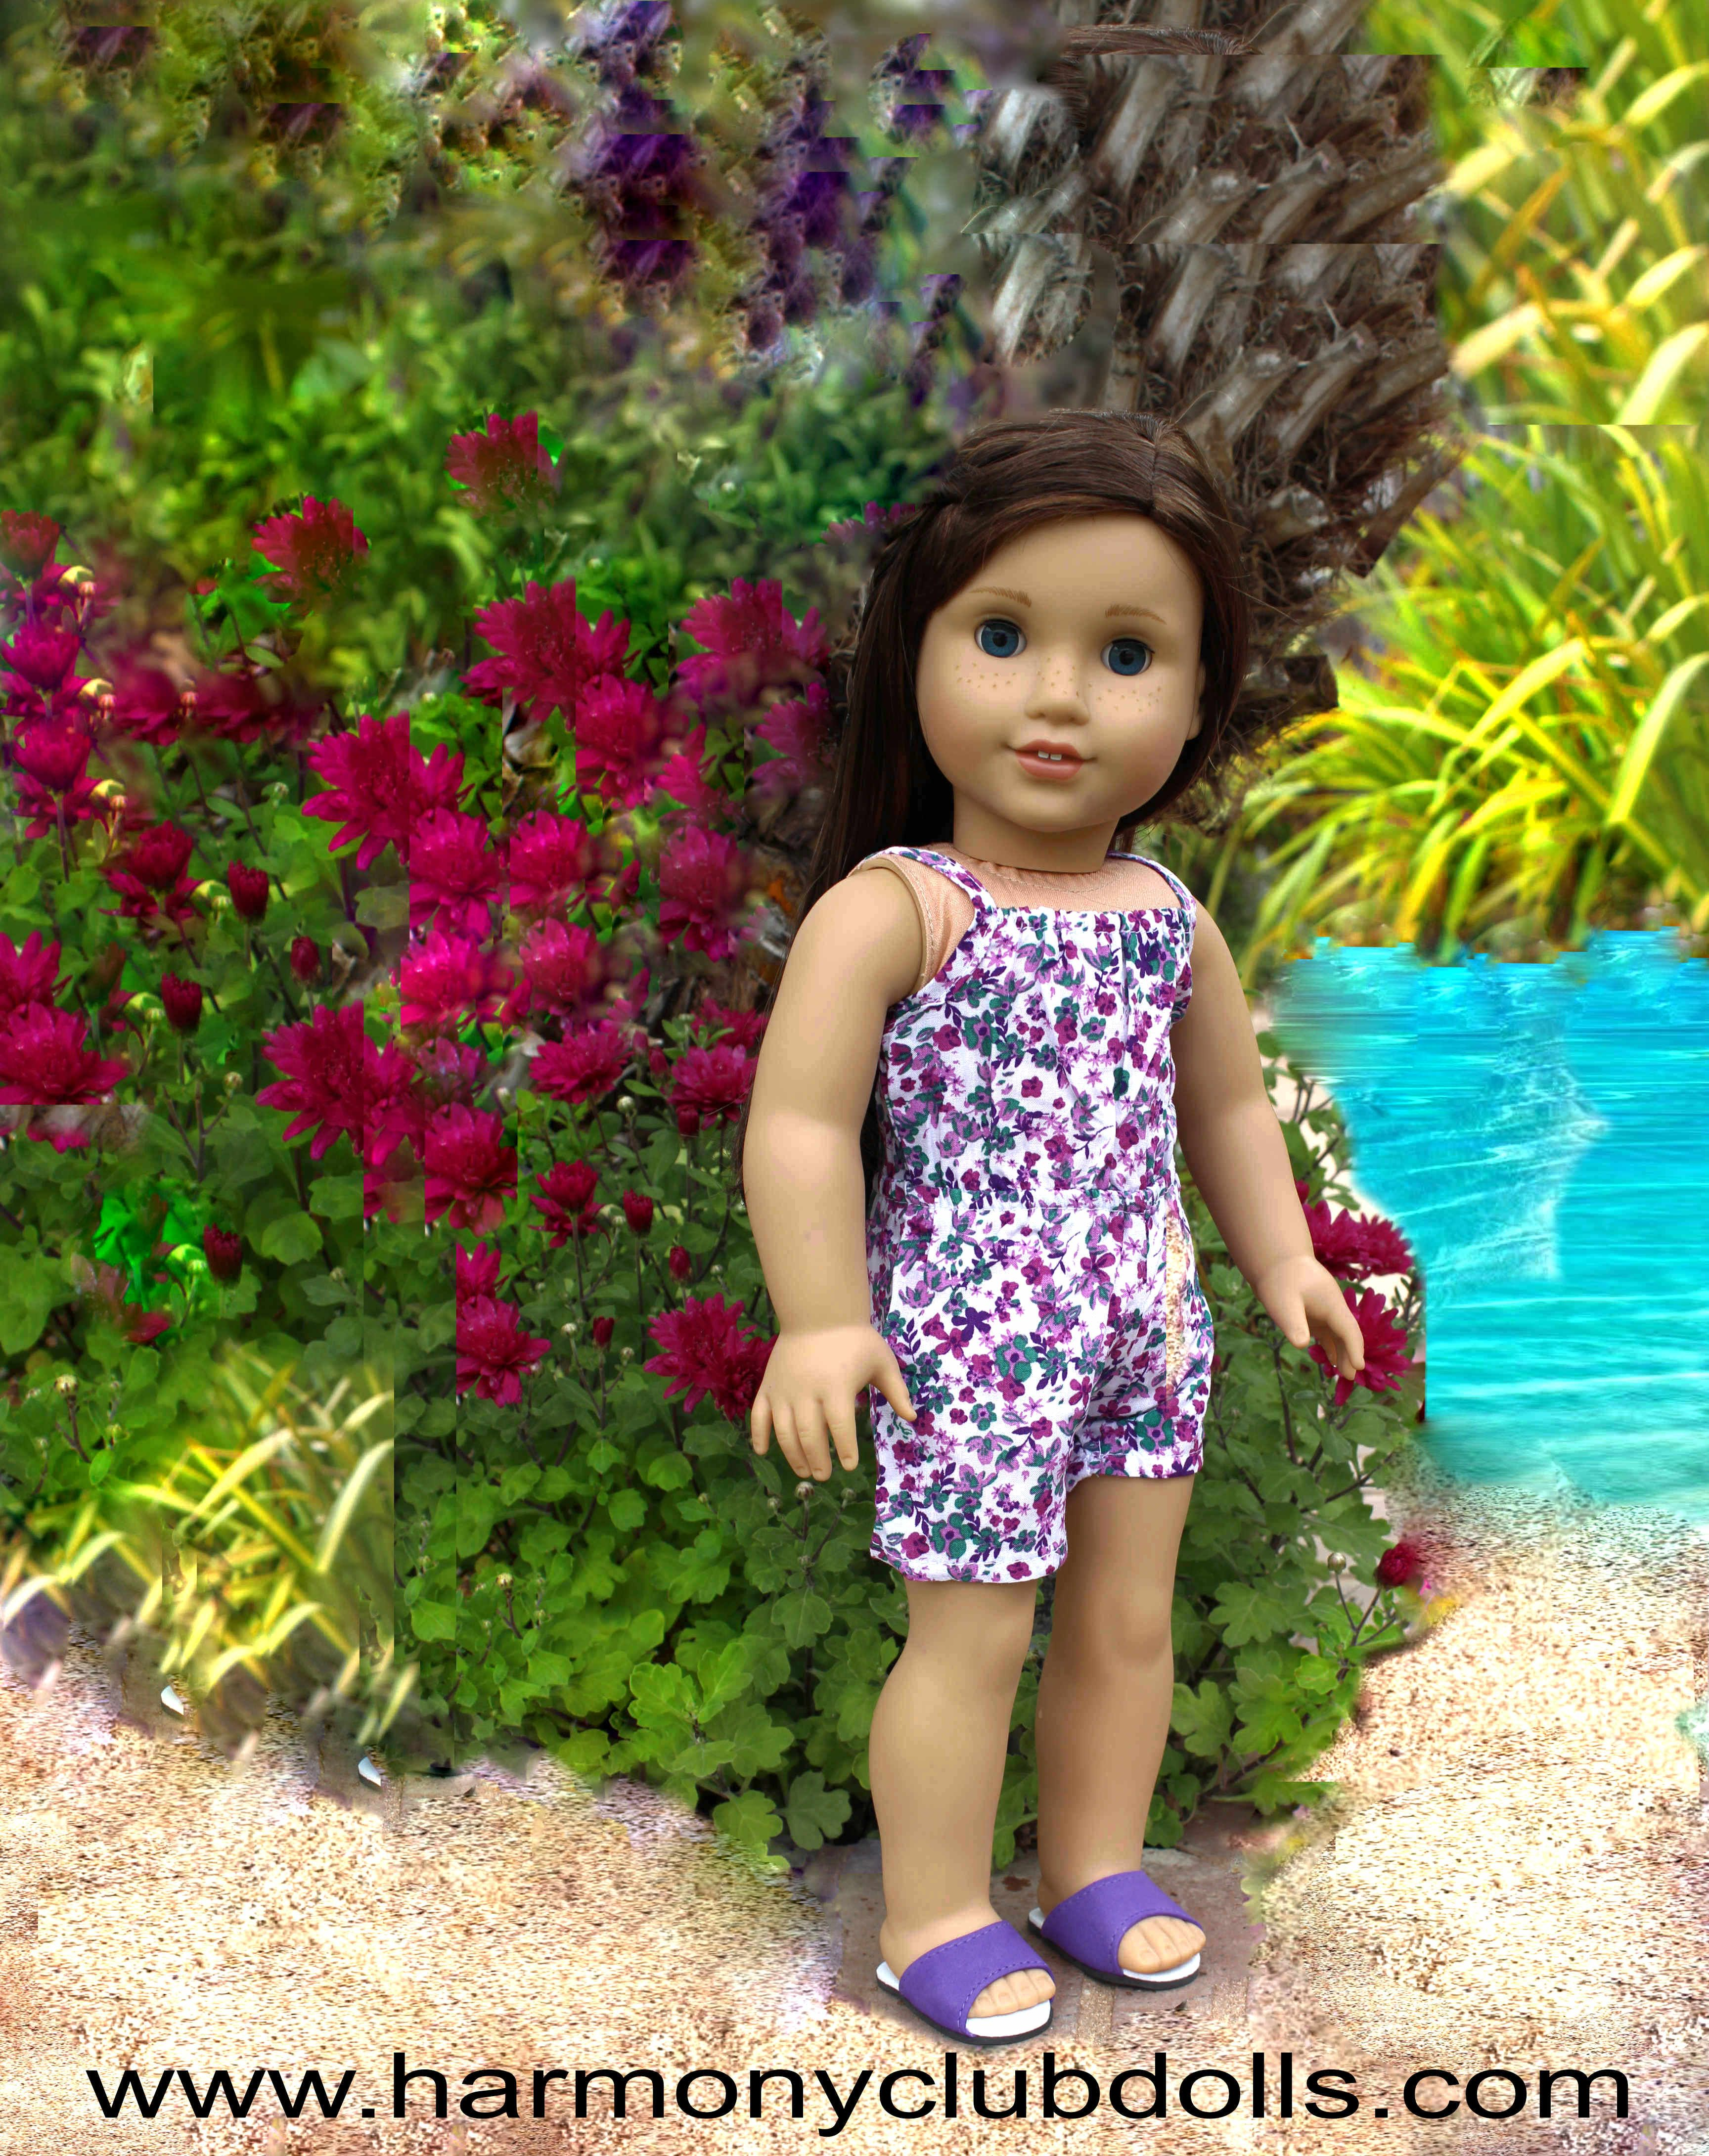 HARMONY CLUB DOLLS Shop fits American Girl Doll Fashion www.harmonyclubdolls.com